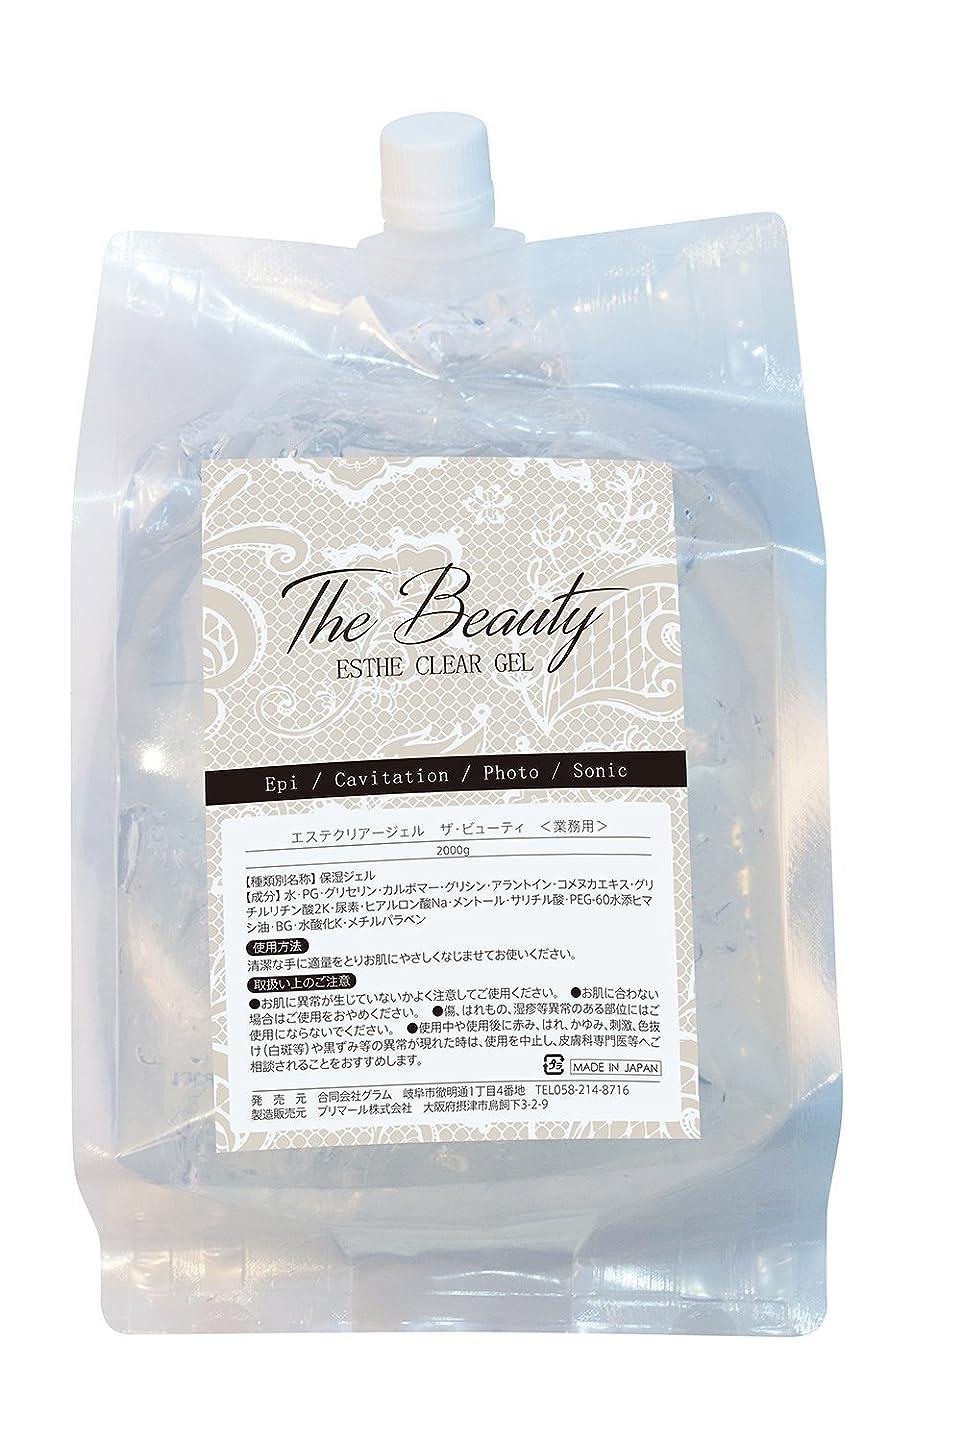 ミキサーコメント便利日本製 クリアージェル/The Beauty ESTHE CLEAR GEL 2kg / 業務用/ボニックジェル?キャビテーション?ソニック?IPL光脱毛?EMS用ジェル